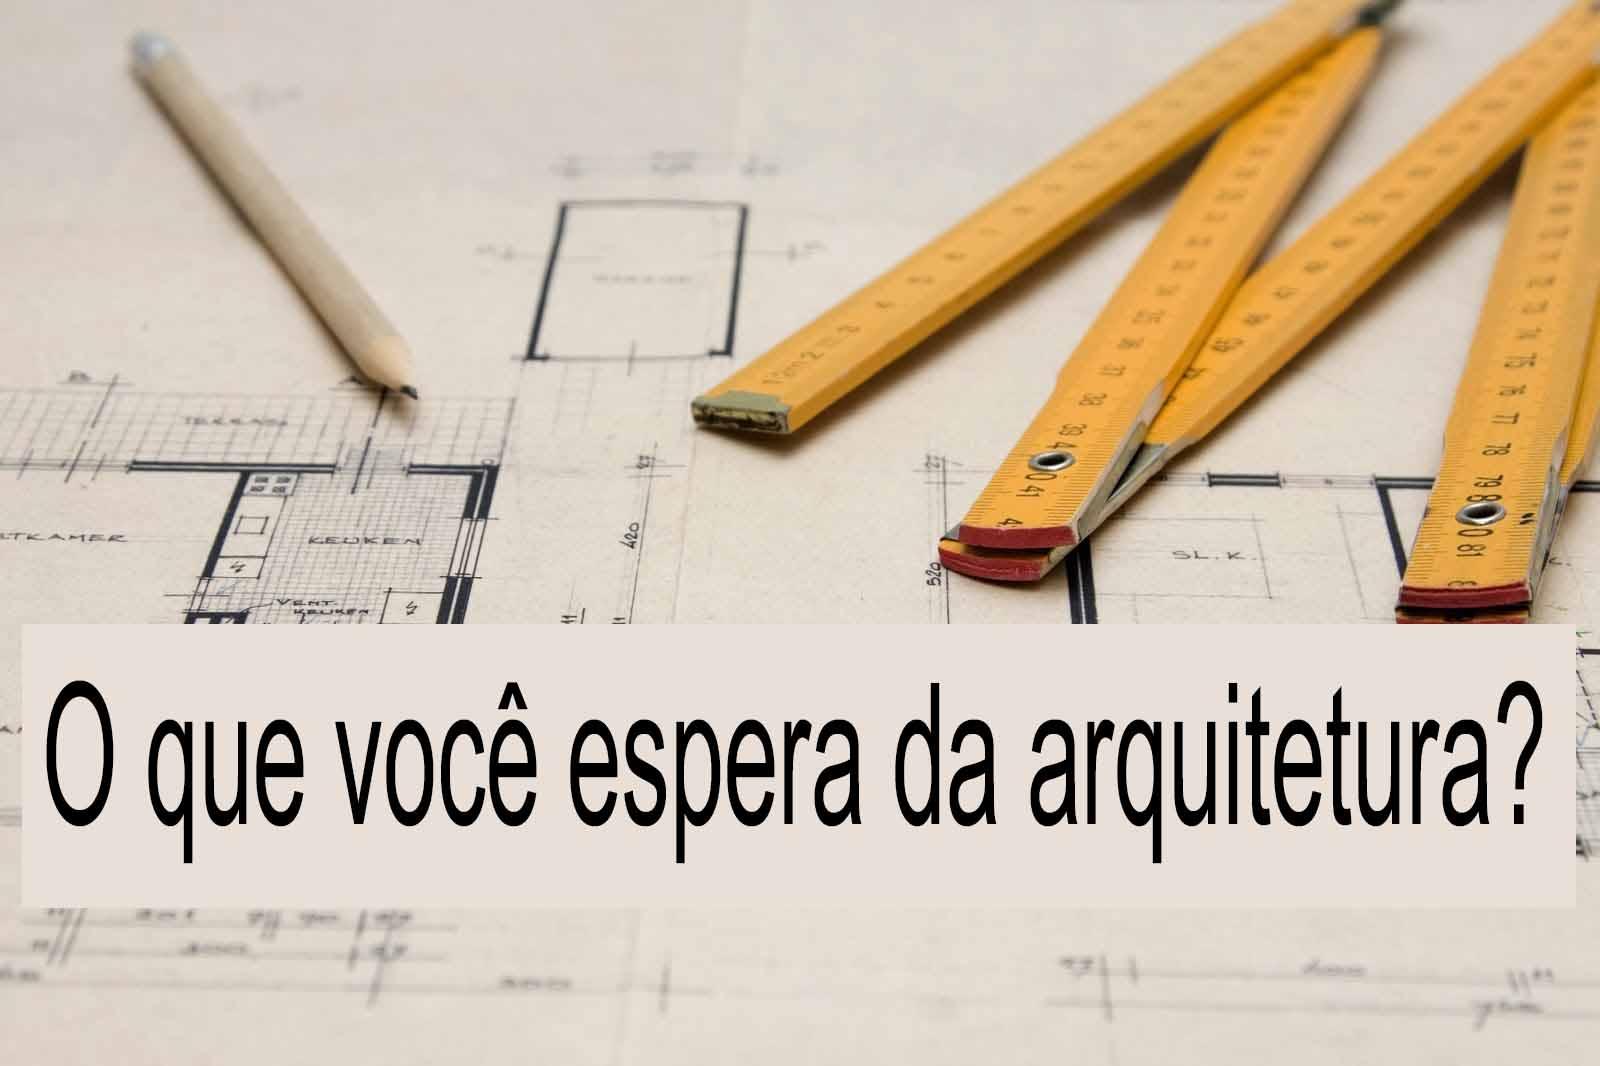 O que você espera da arquitetura?